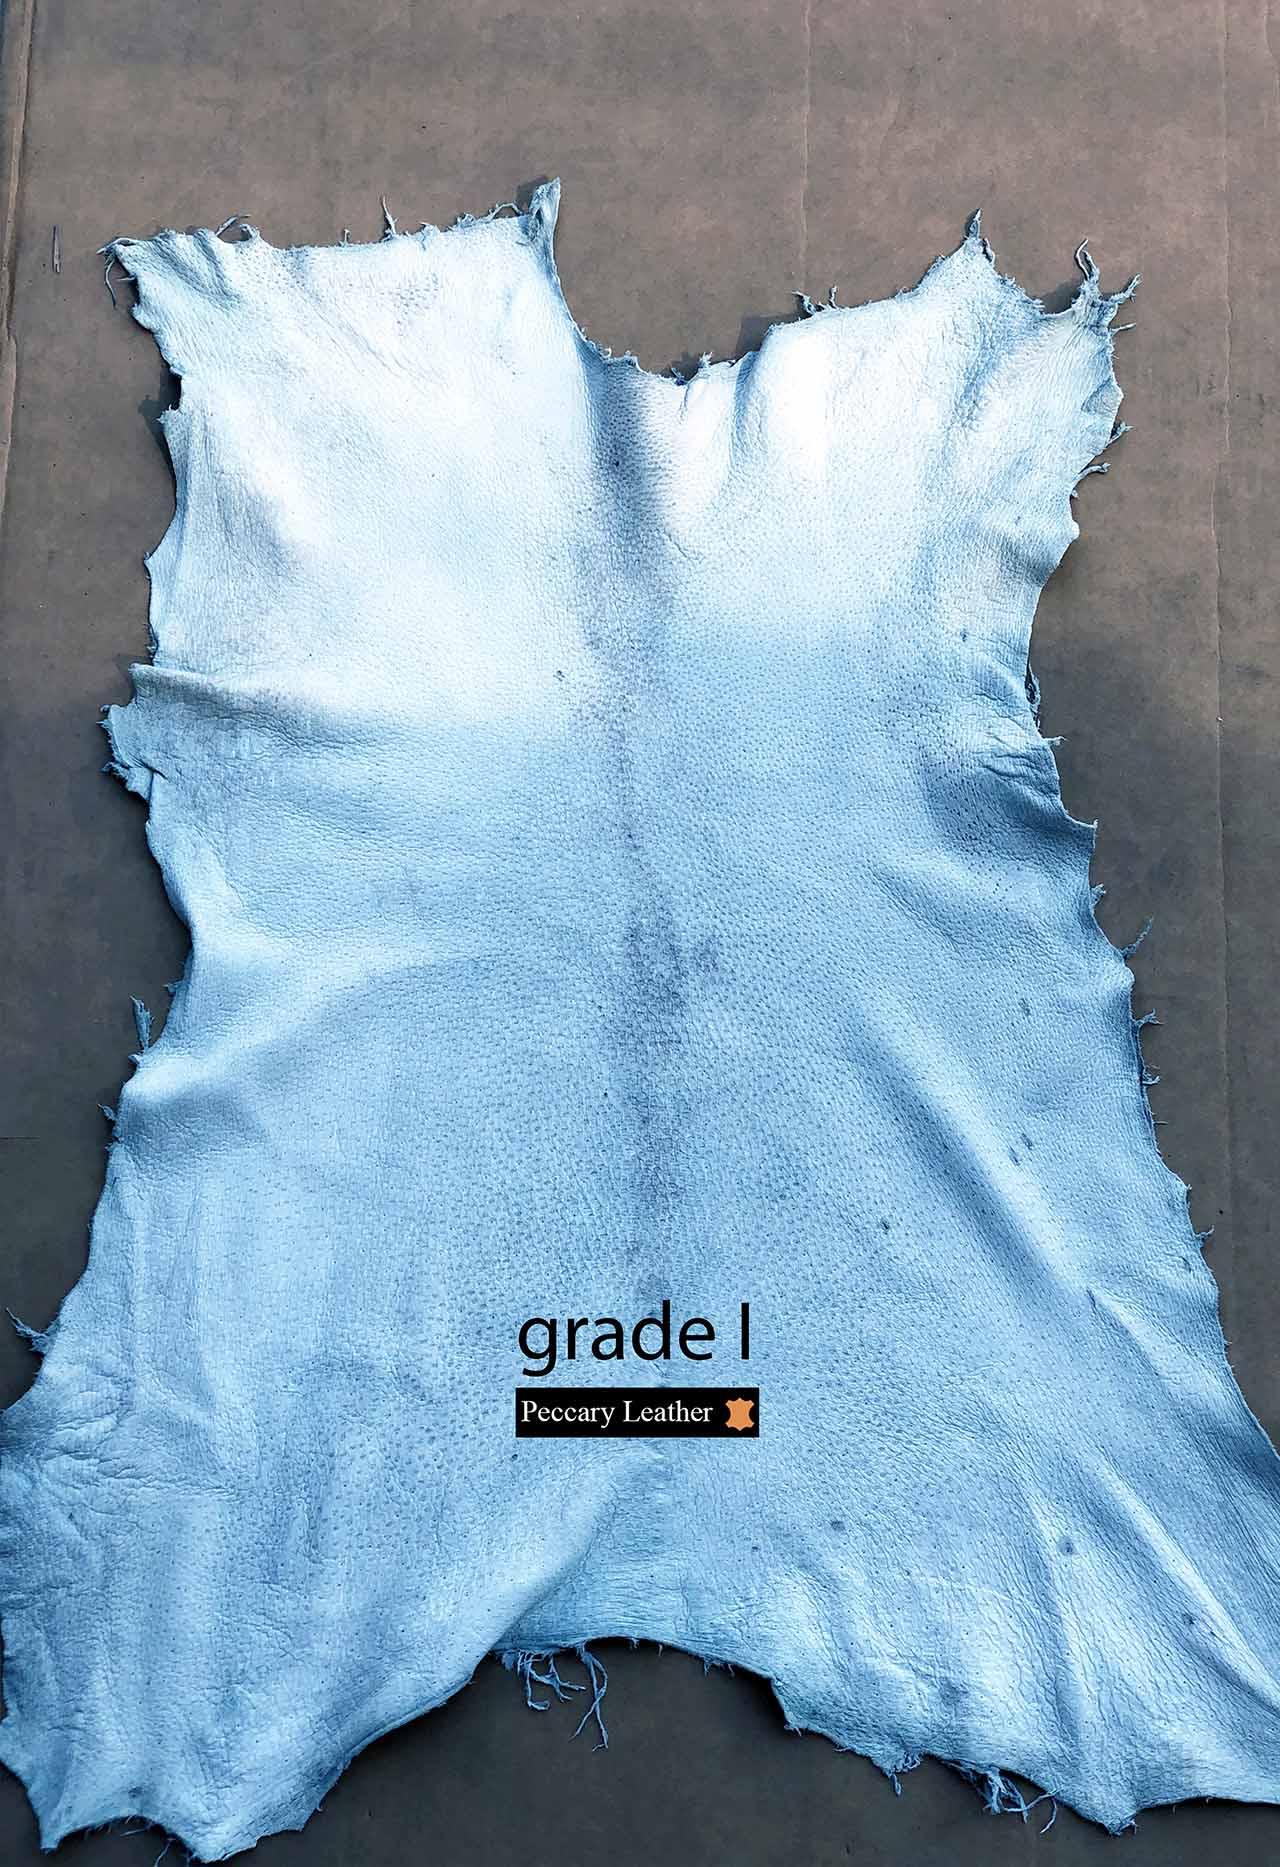 Peccary Leather Grade I